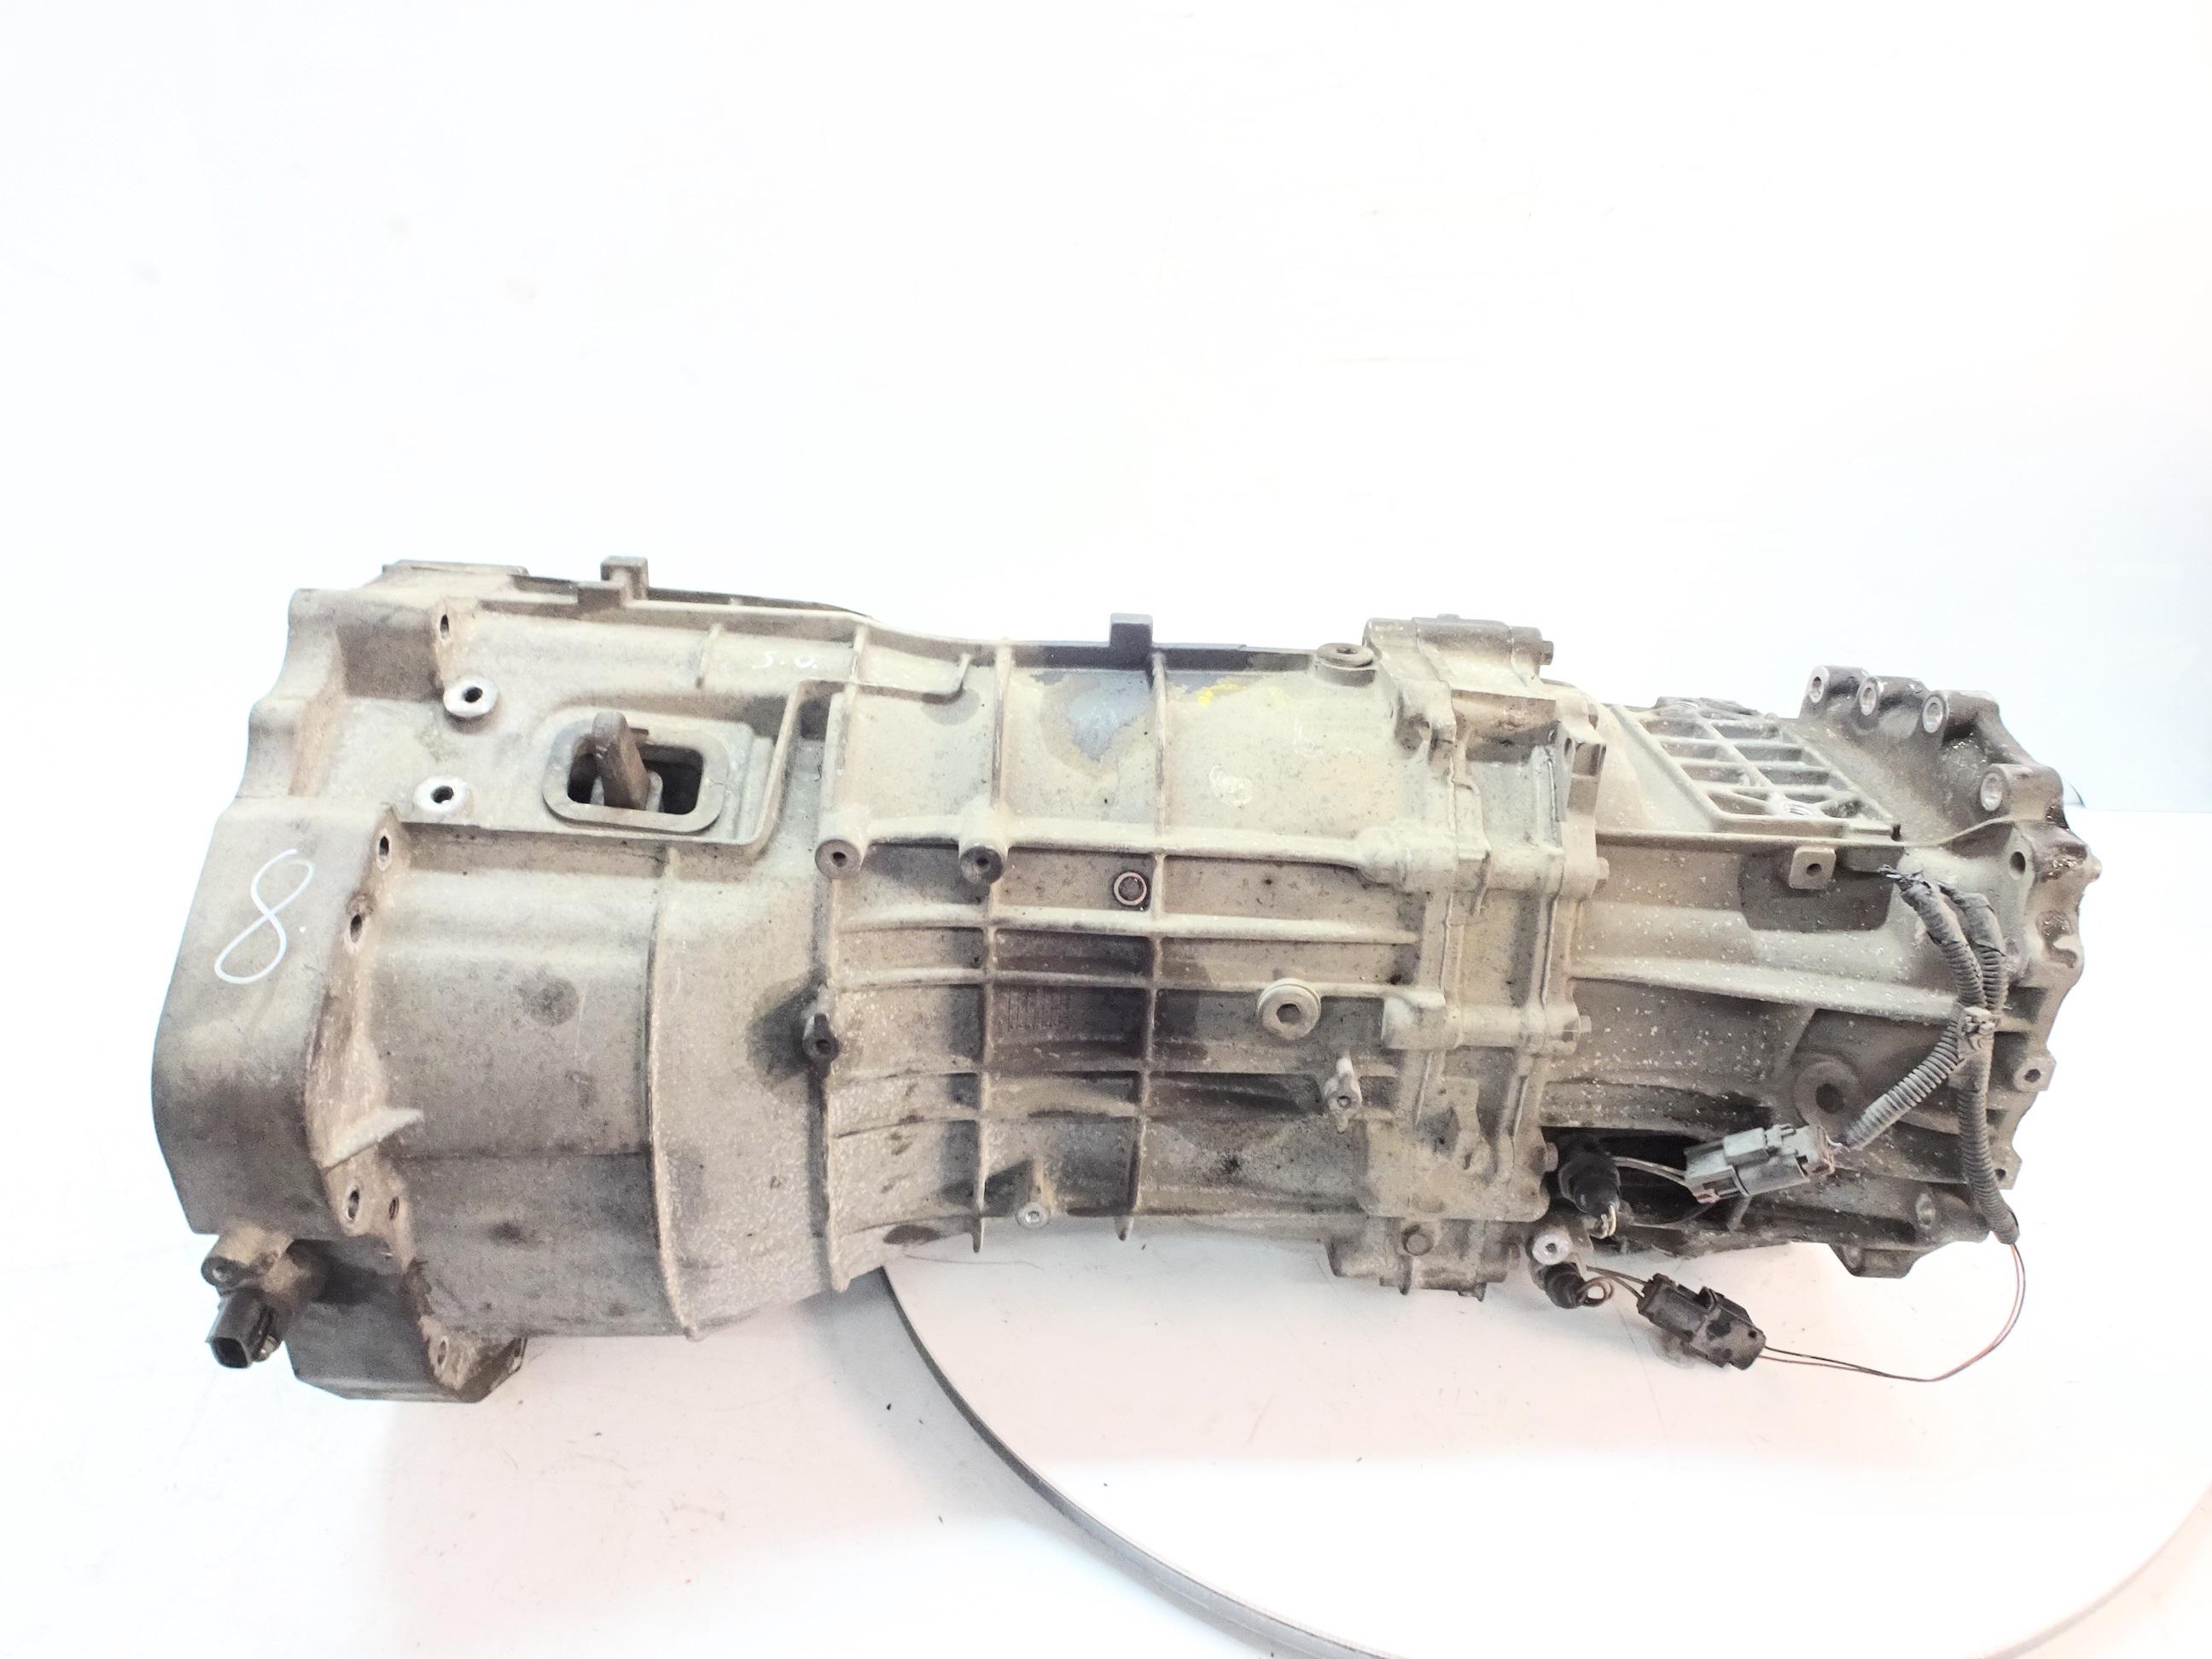 Cambio Manuale Nissan 2,5 dCi Diesel YD25DDTI YD25